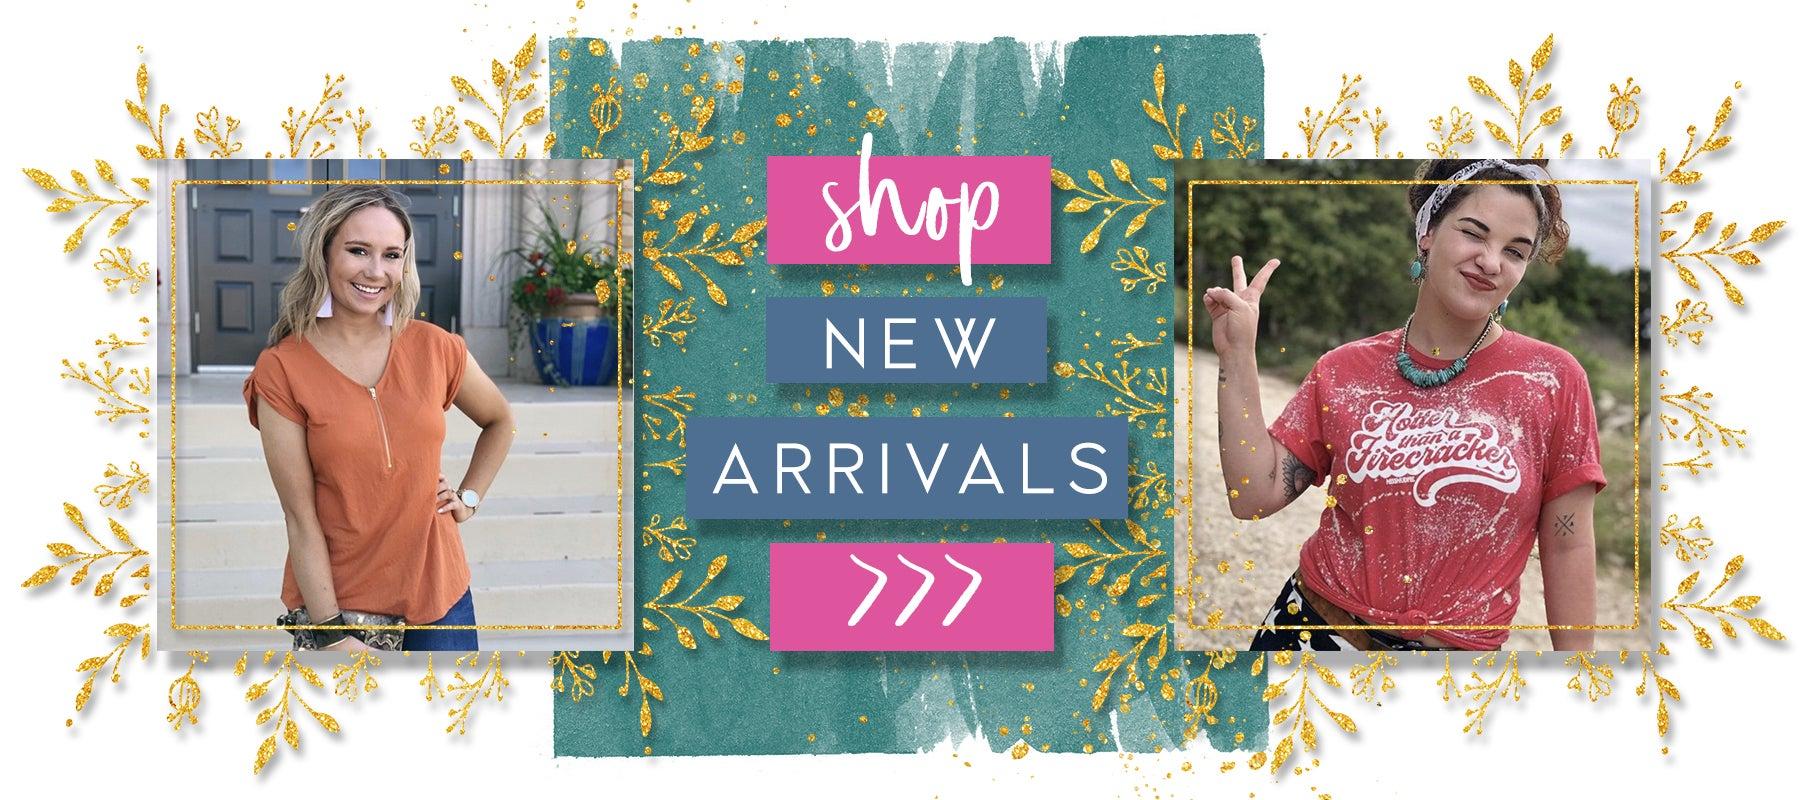 SHOP NEW ARRIVALS >>>